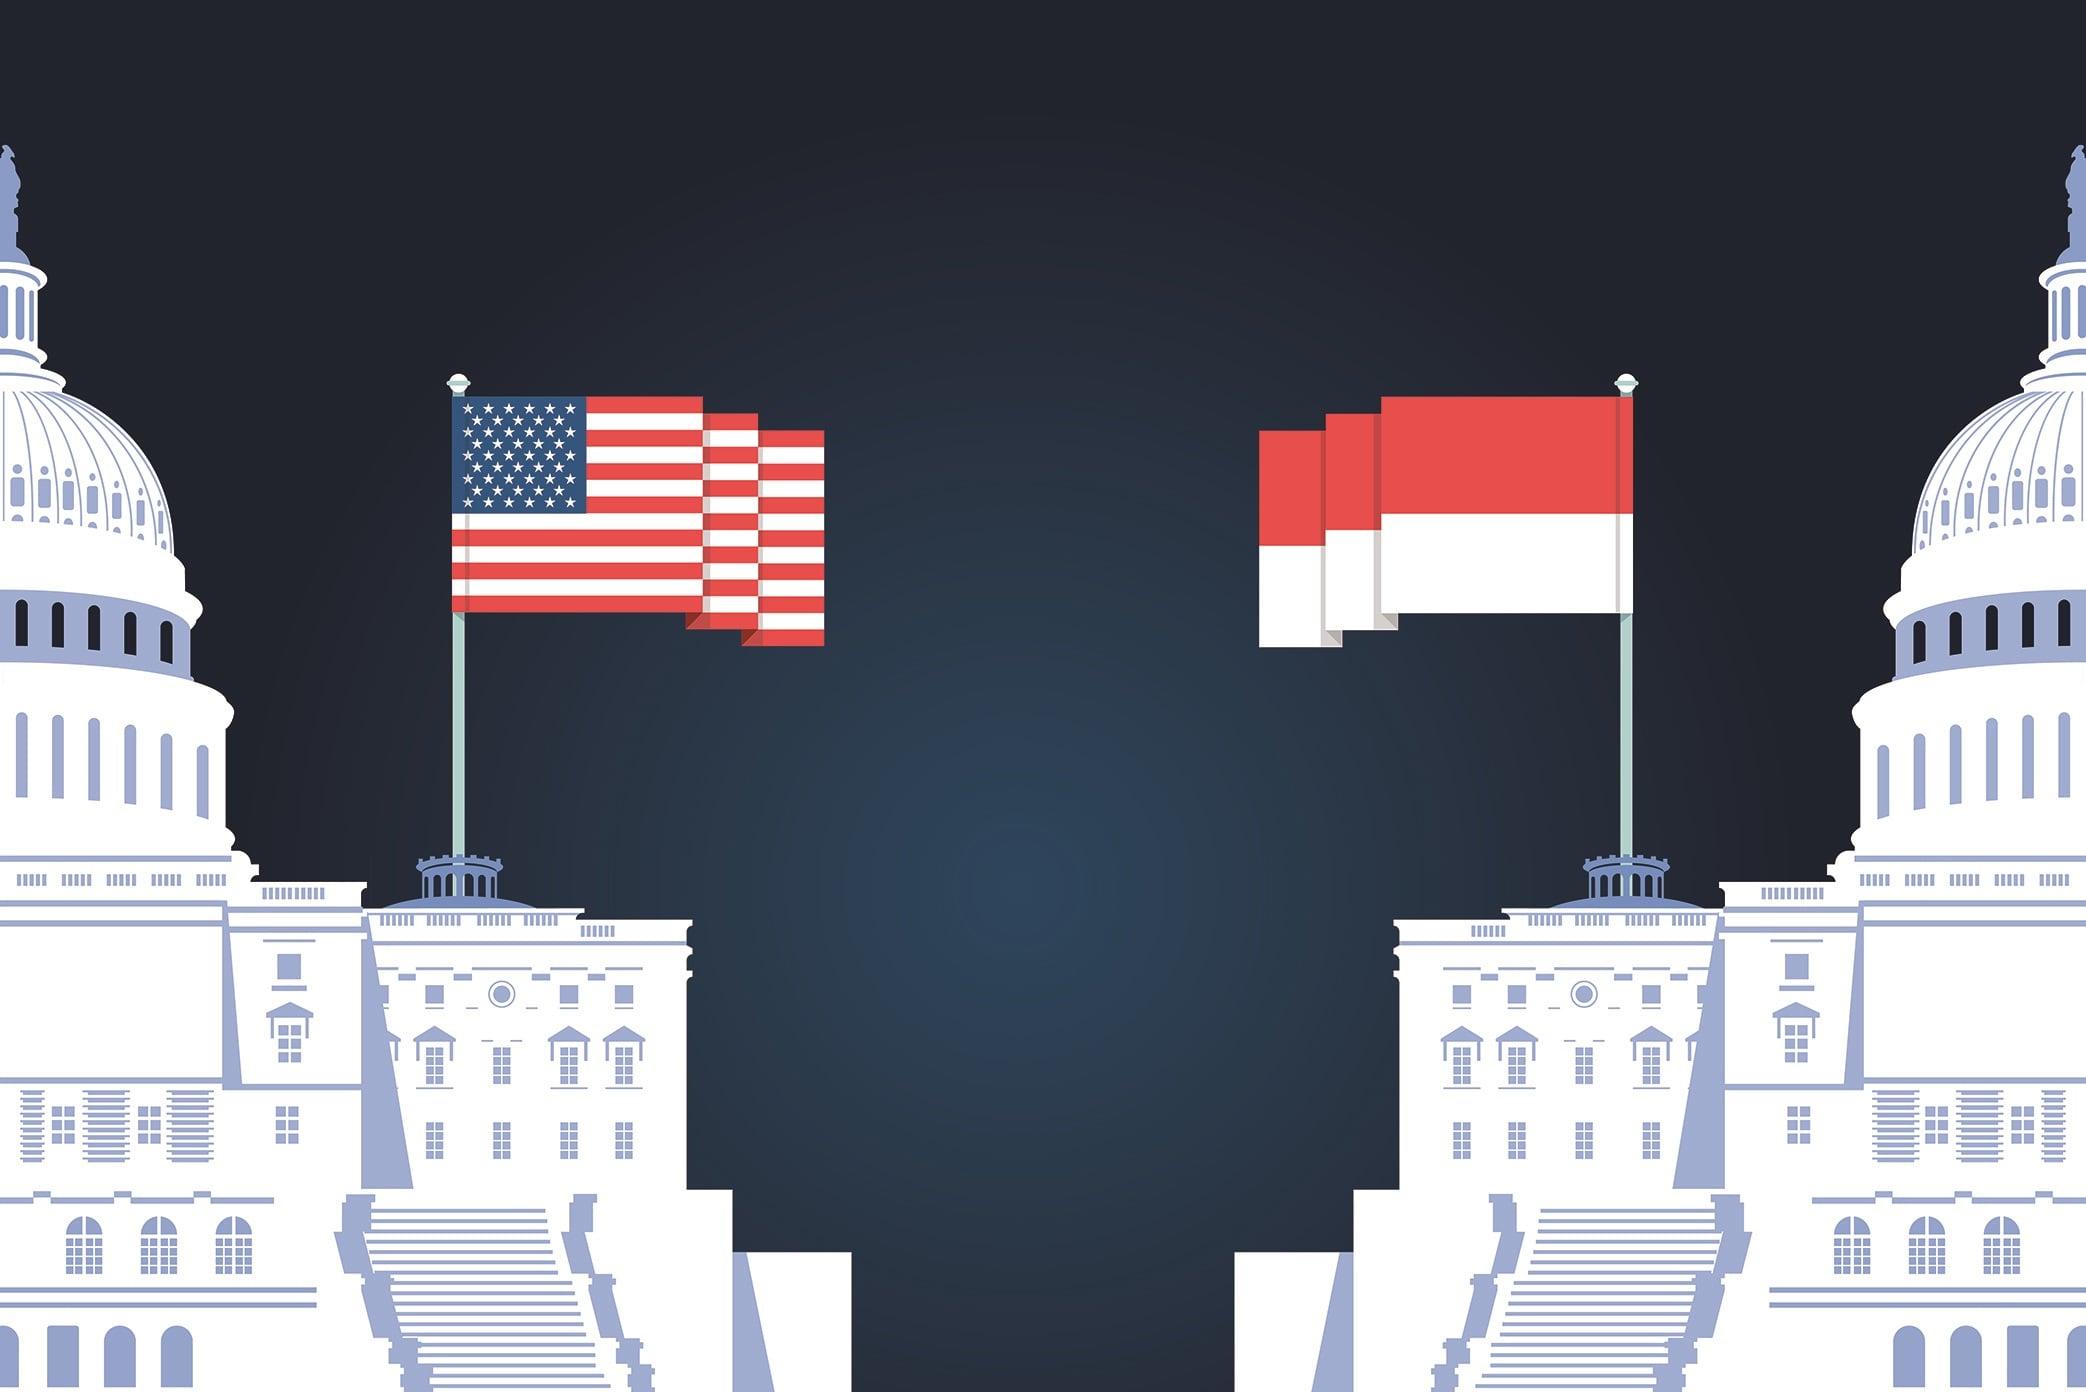 Perbedaan Pemilu Presiden Indonesia dengan Amerika Serikat